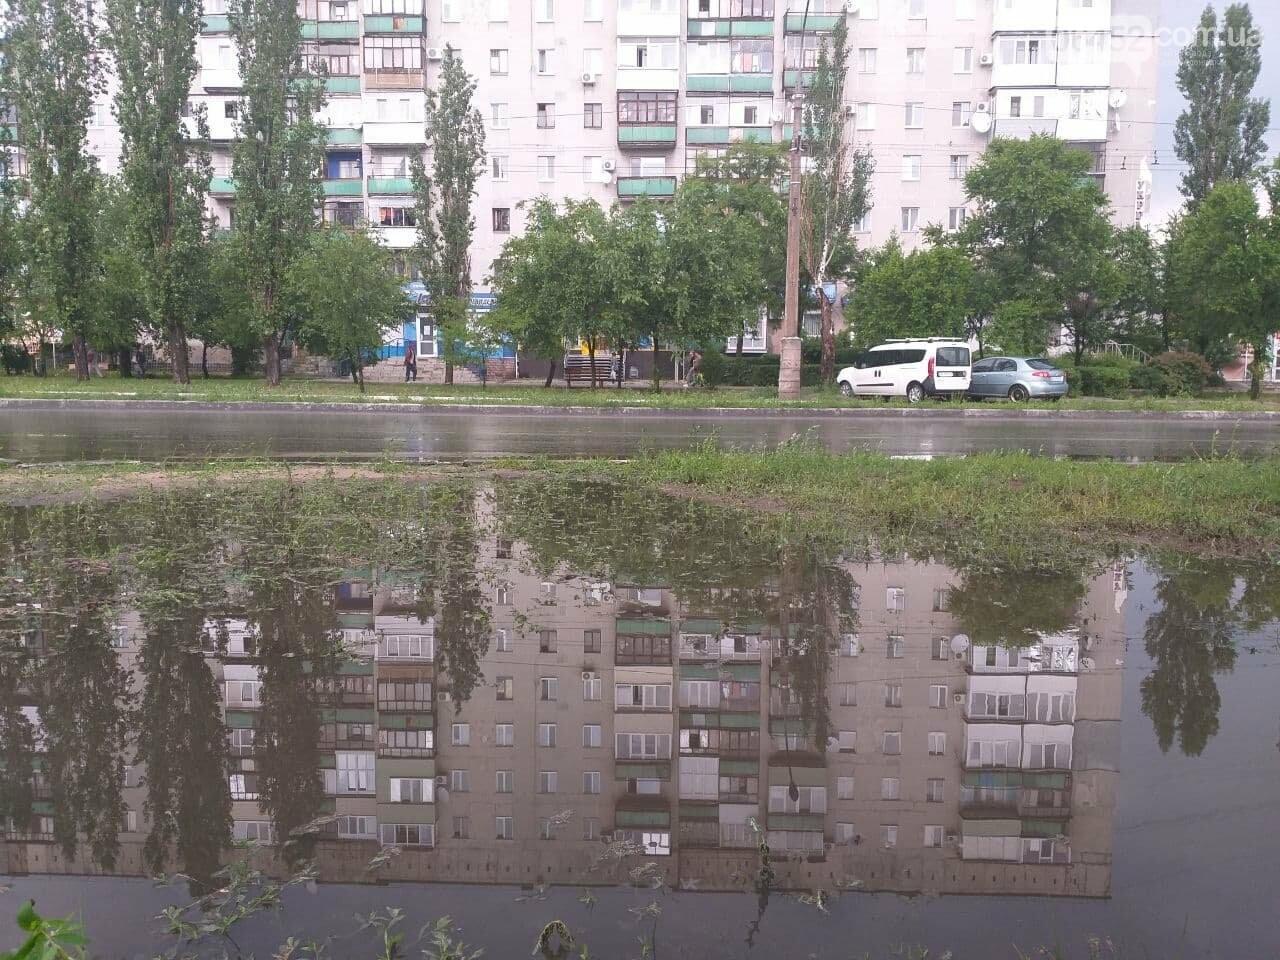 После дождика в четверг: мощный ливень обрушился на Северодонецк и оставил массу проблем, фото-21